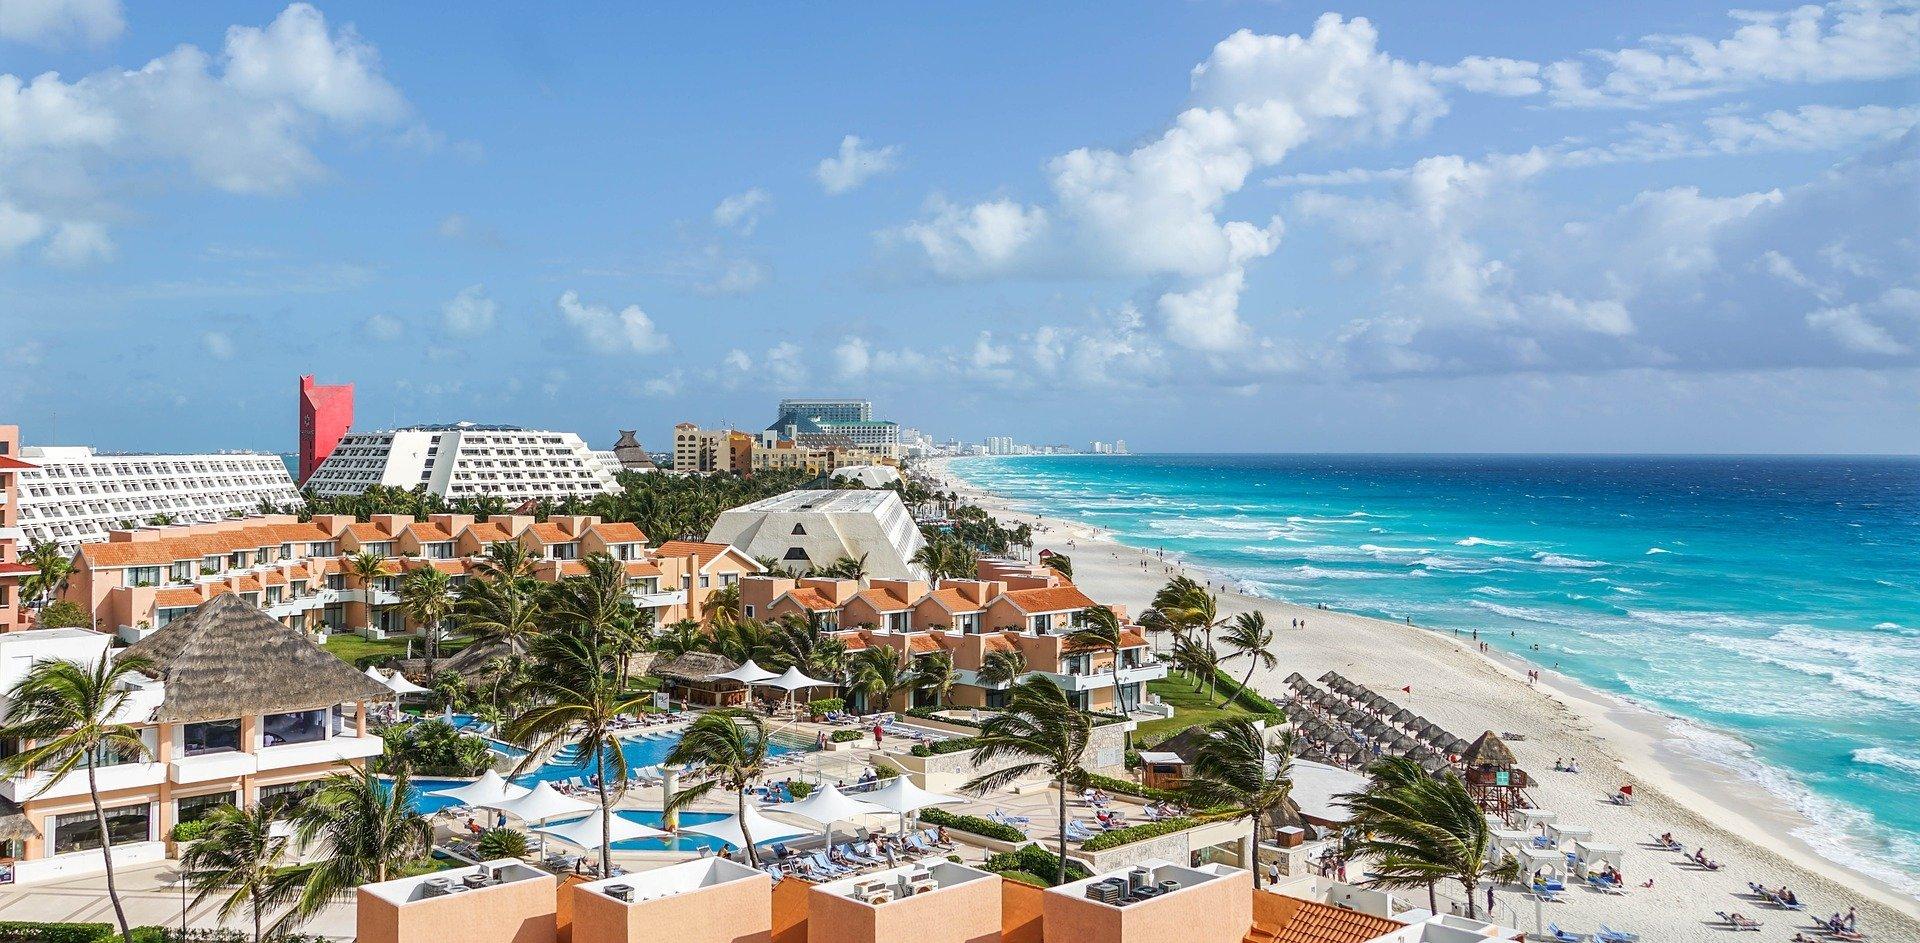 Cómo viajar barato a Cancún 1